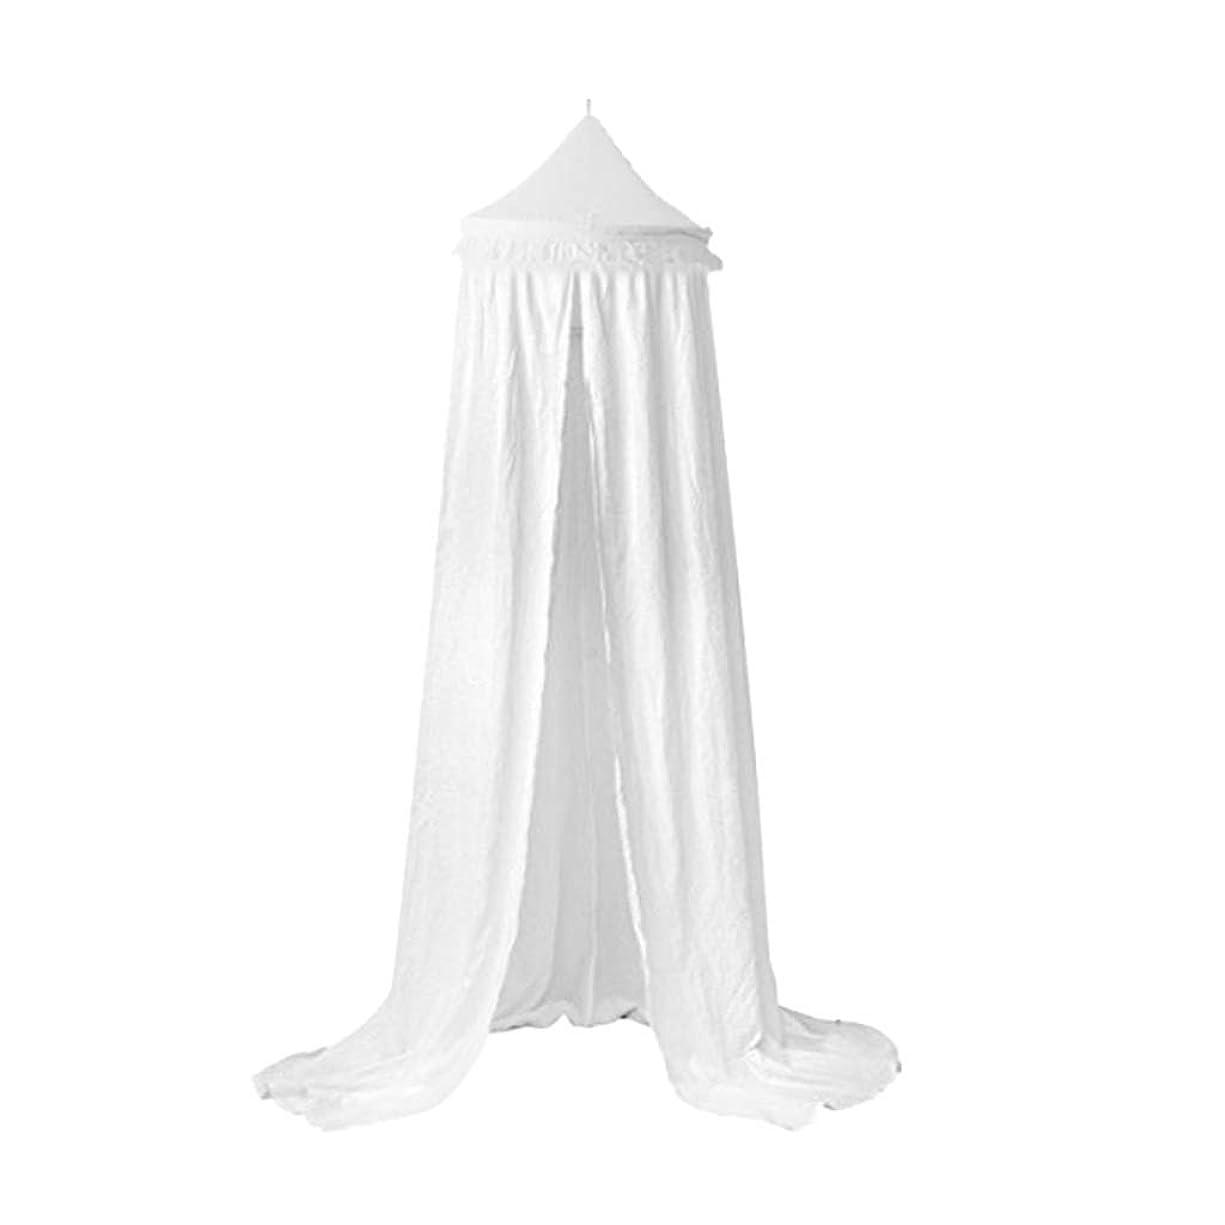 中相手勇者キッズテント 蚊帳 寝具 ドームテント 遊び場 ベッドキャノピー インテリア 部屋飾り 全3色 - 白